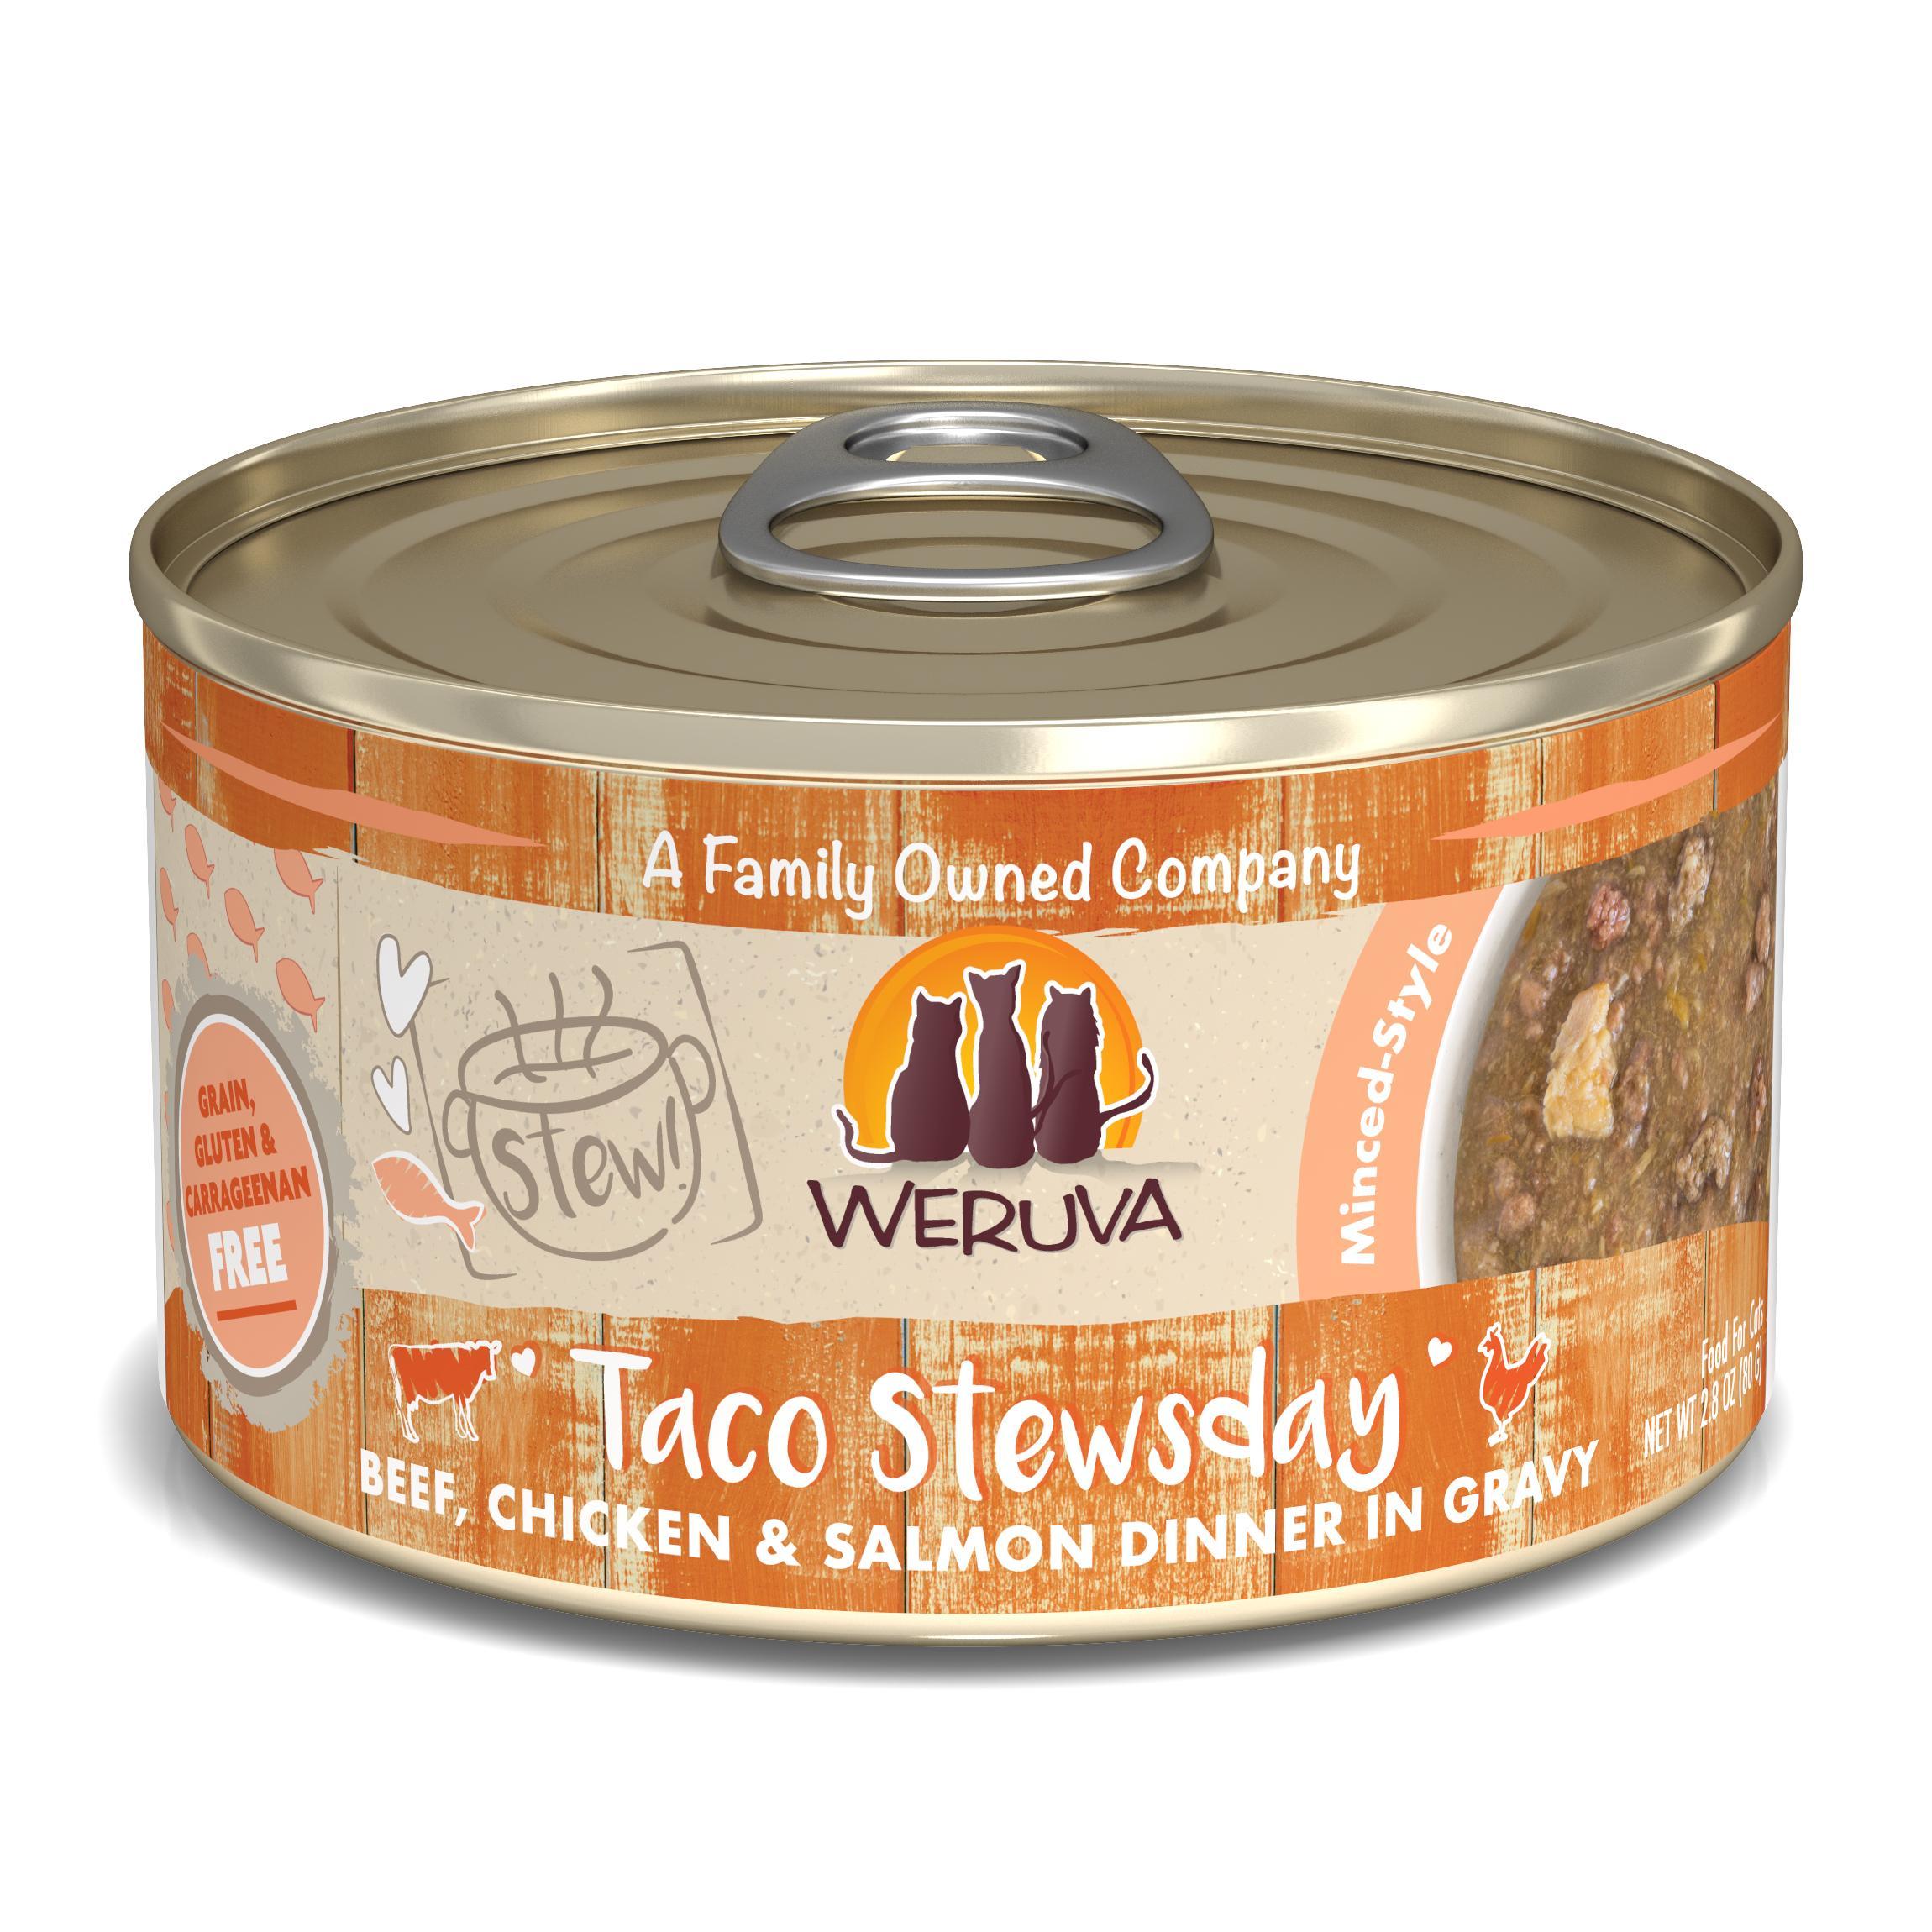 Weruva Cat Stew! Taco Stewsday Beef, Chicken & Salmon Dinner in Gravy Wet Cat Food, 2.8-oz